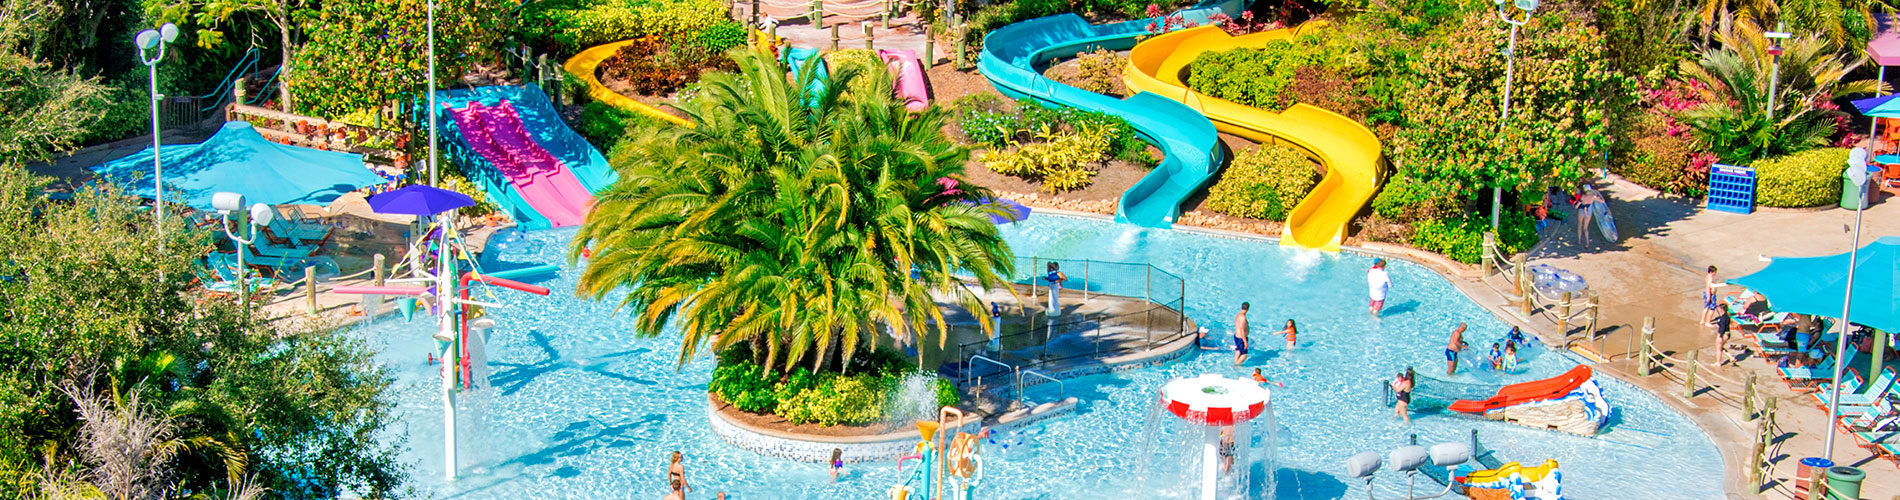 Rides and Slides at Aquatica Orlando Water Park